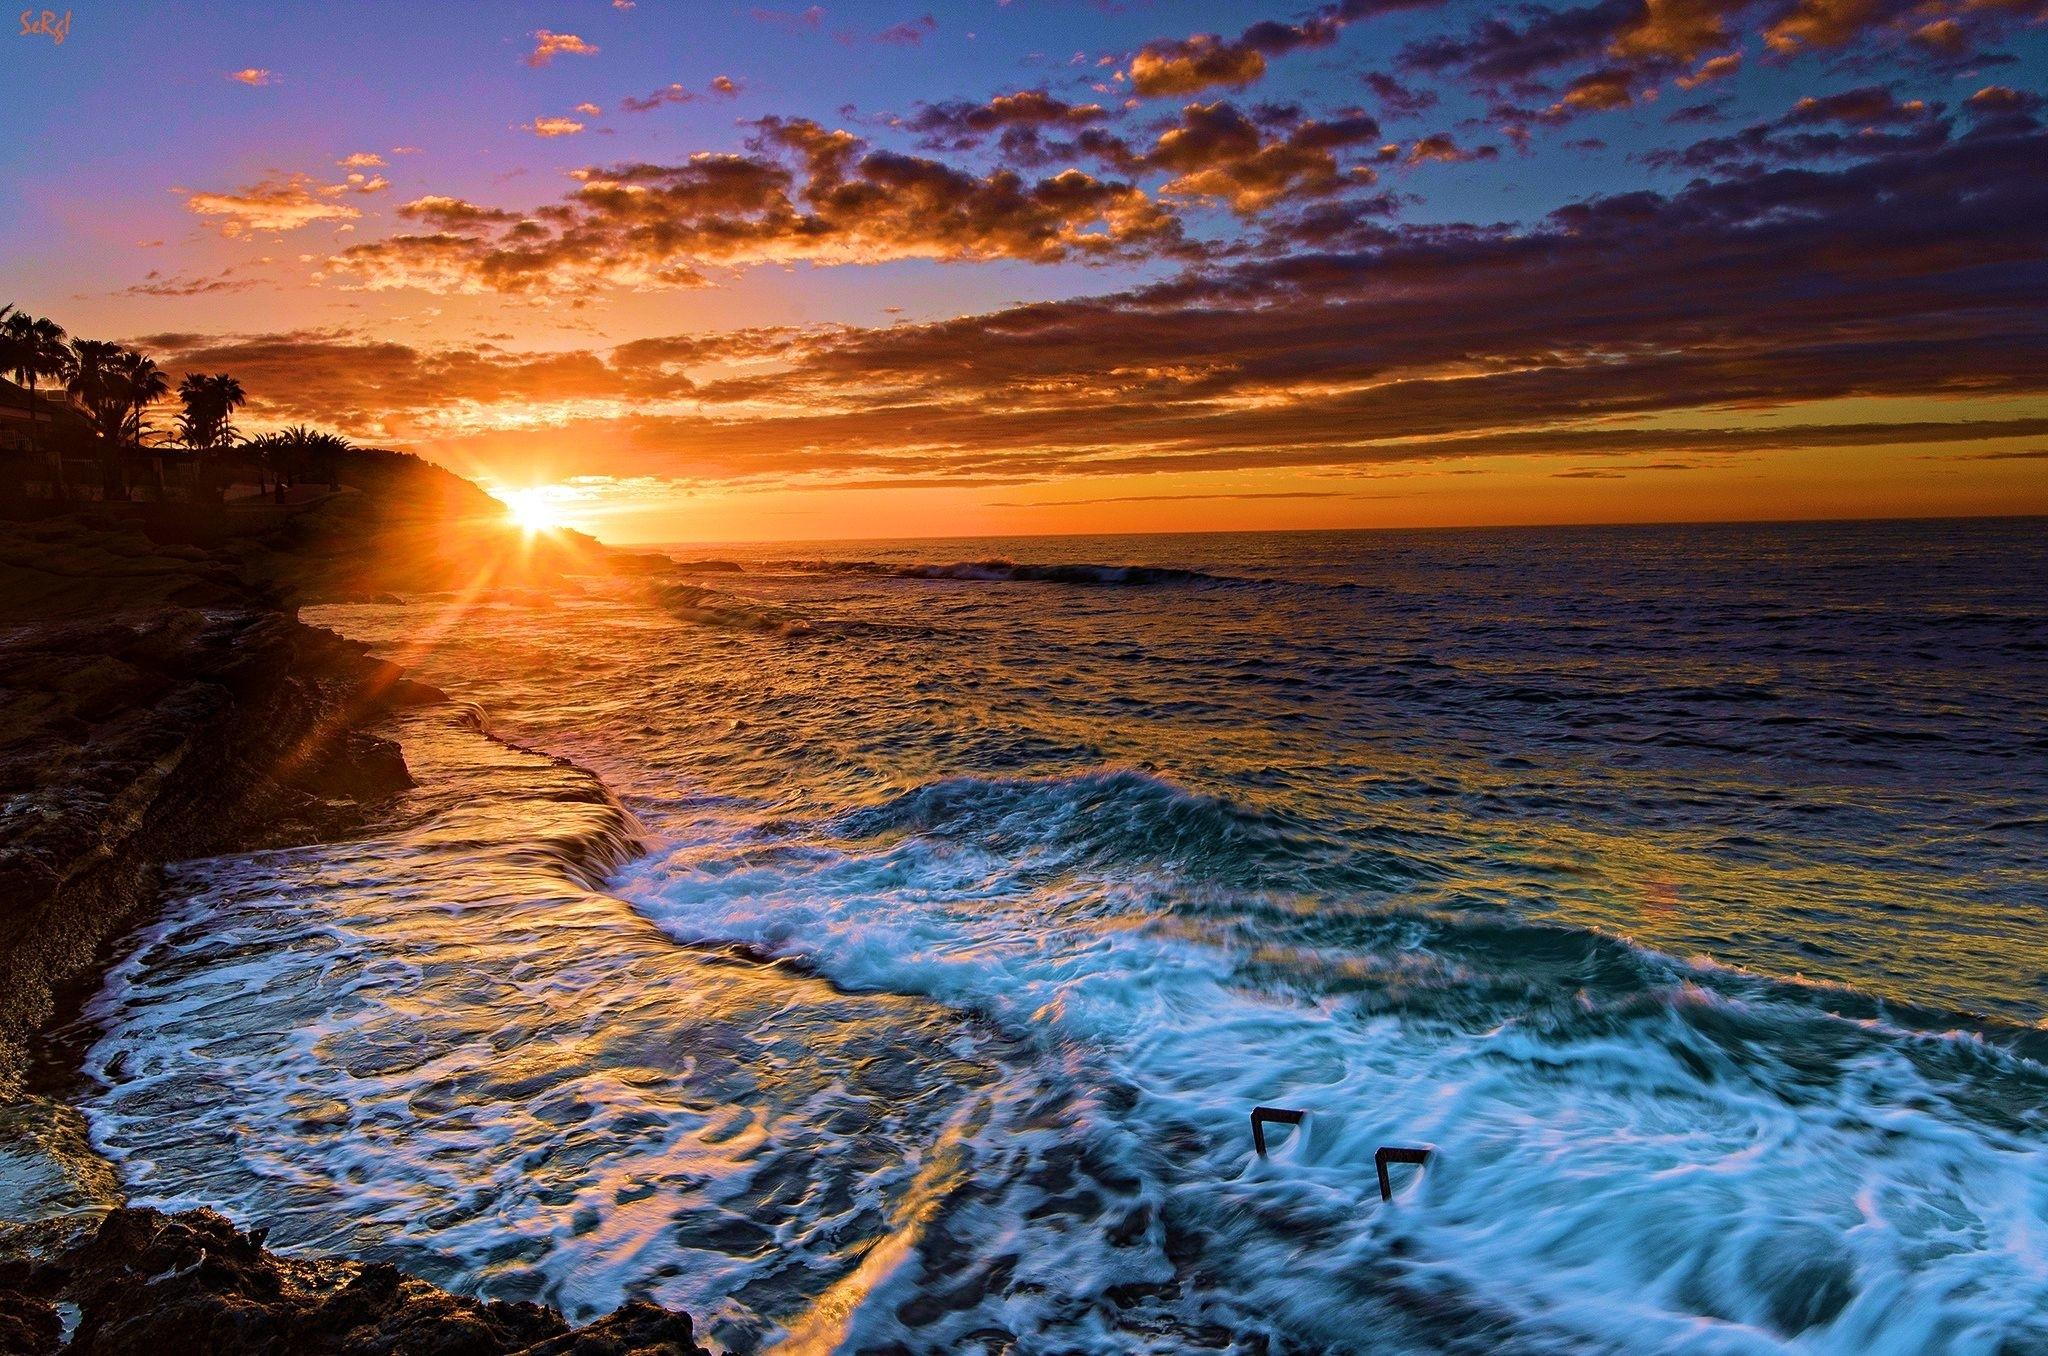 beach sunset desktop wallpaper (70+ images)